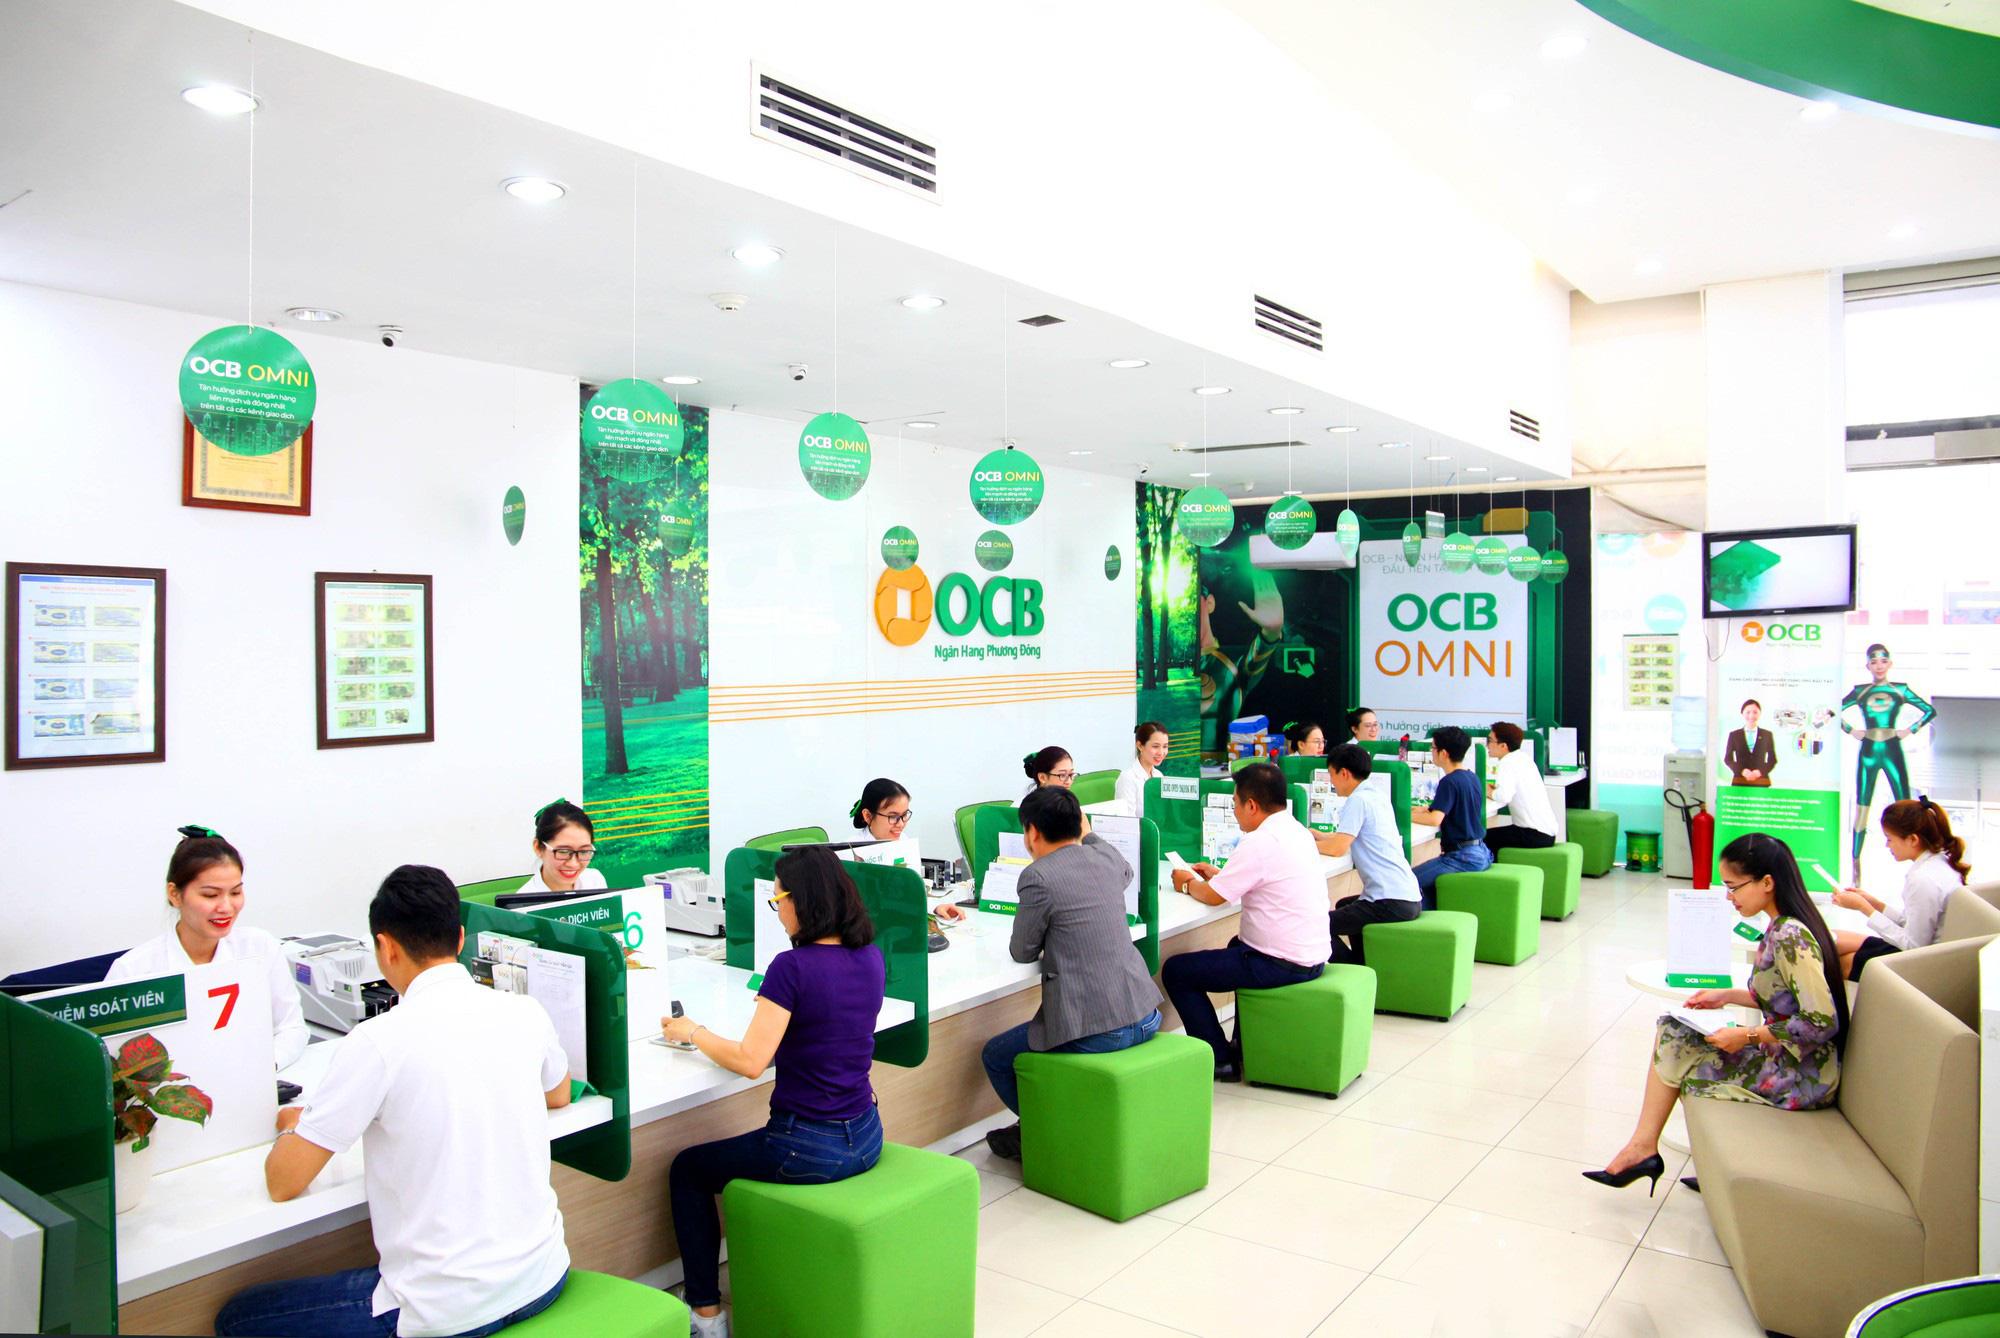 Ngân hàng Phương Đông khẳng định không liên quan tới Tập đoàn tài chính OCB - Ảnh 1.